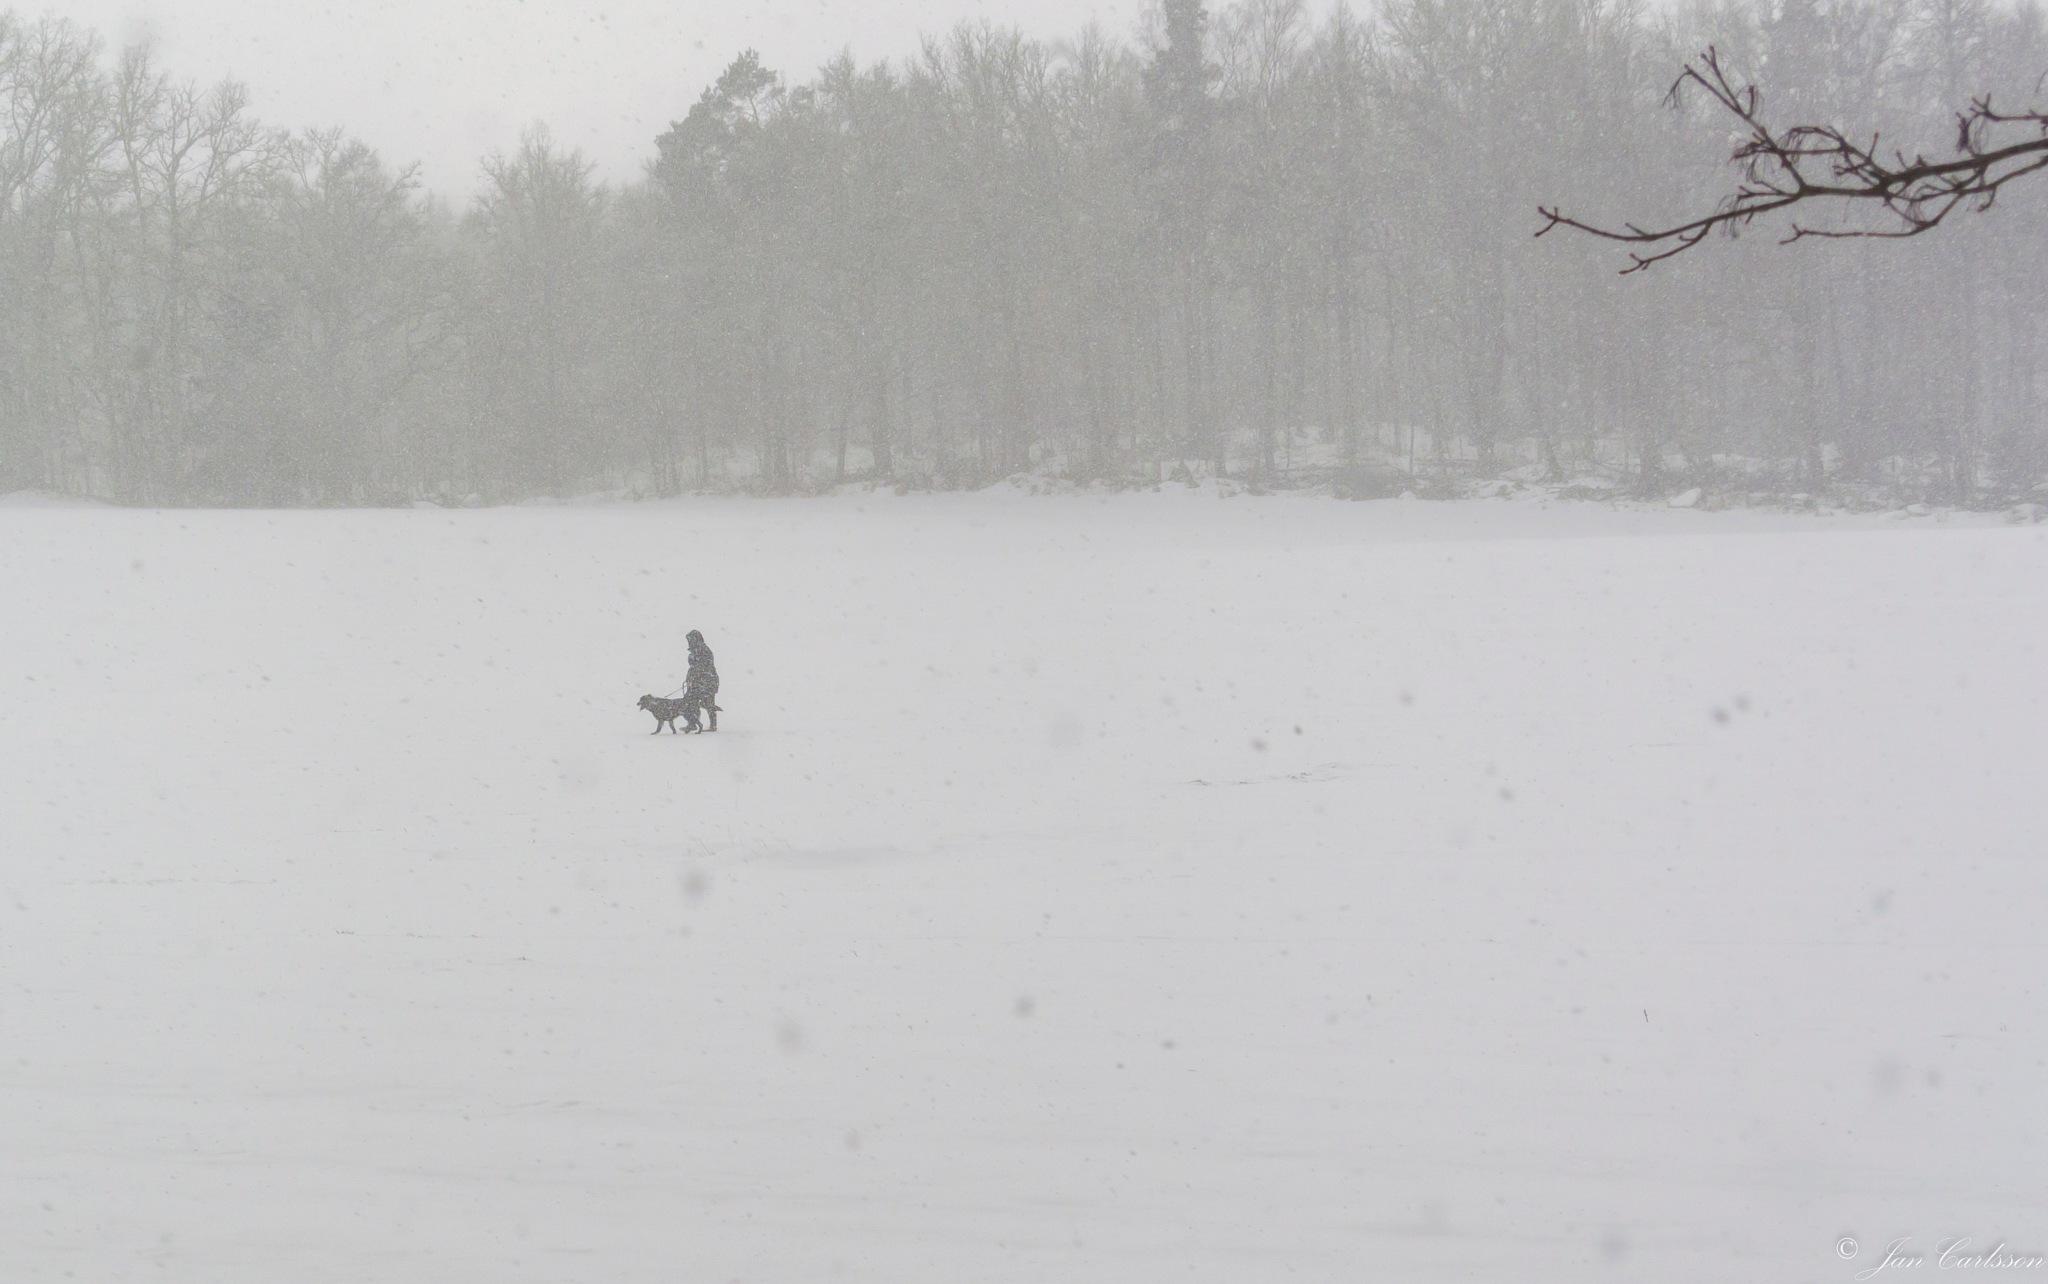 Snowstorm in March II by carljan w carlsson